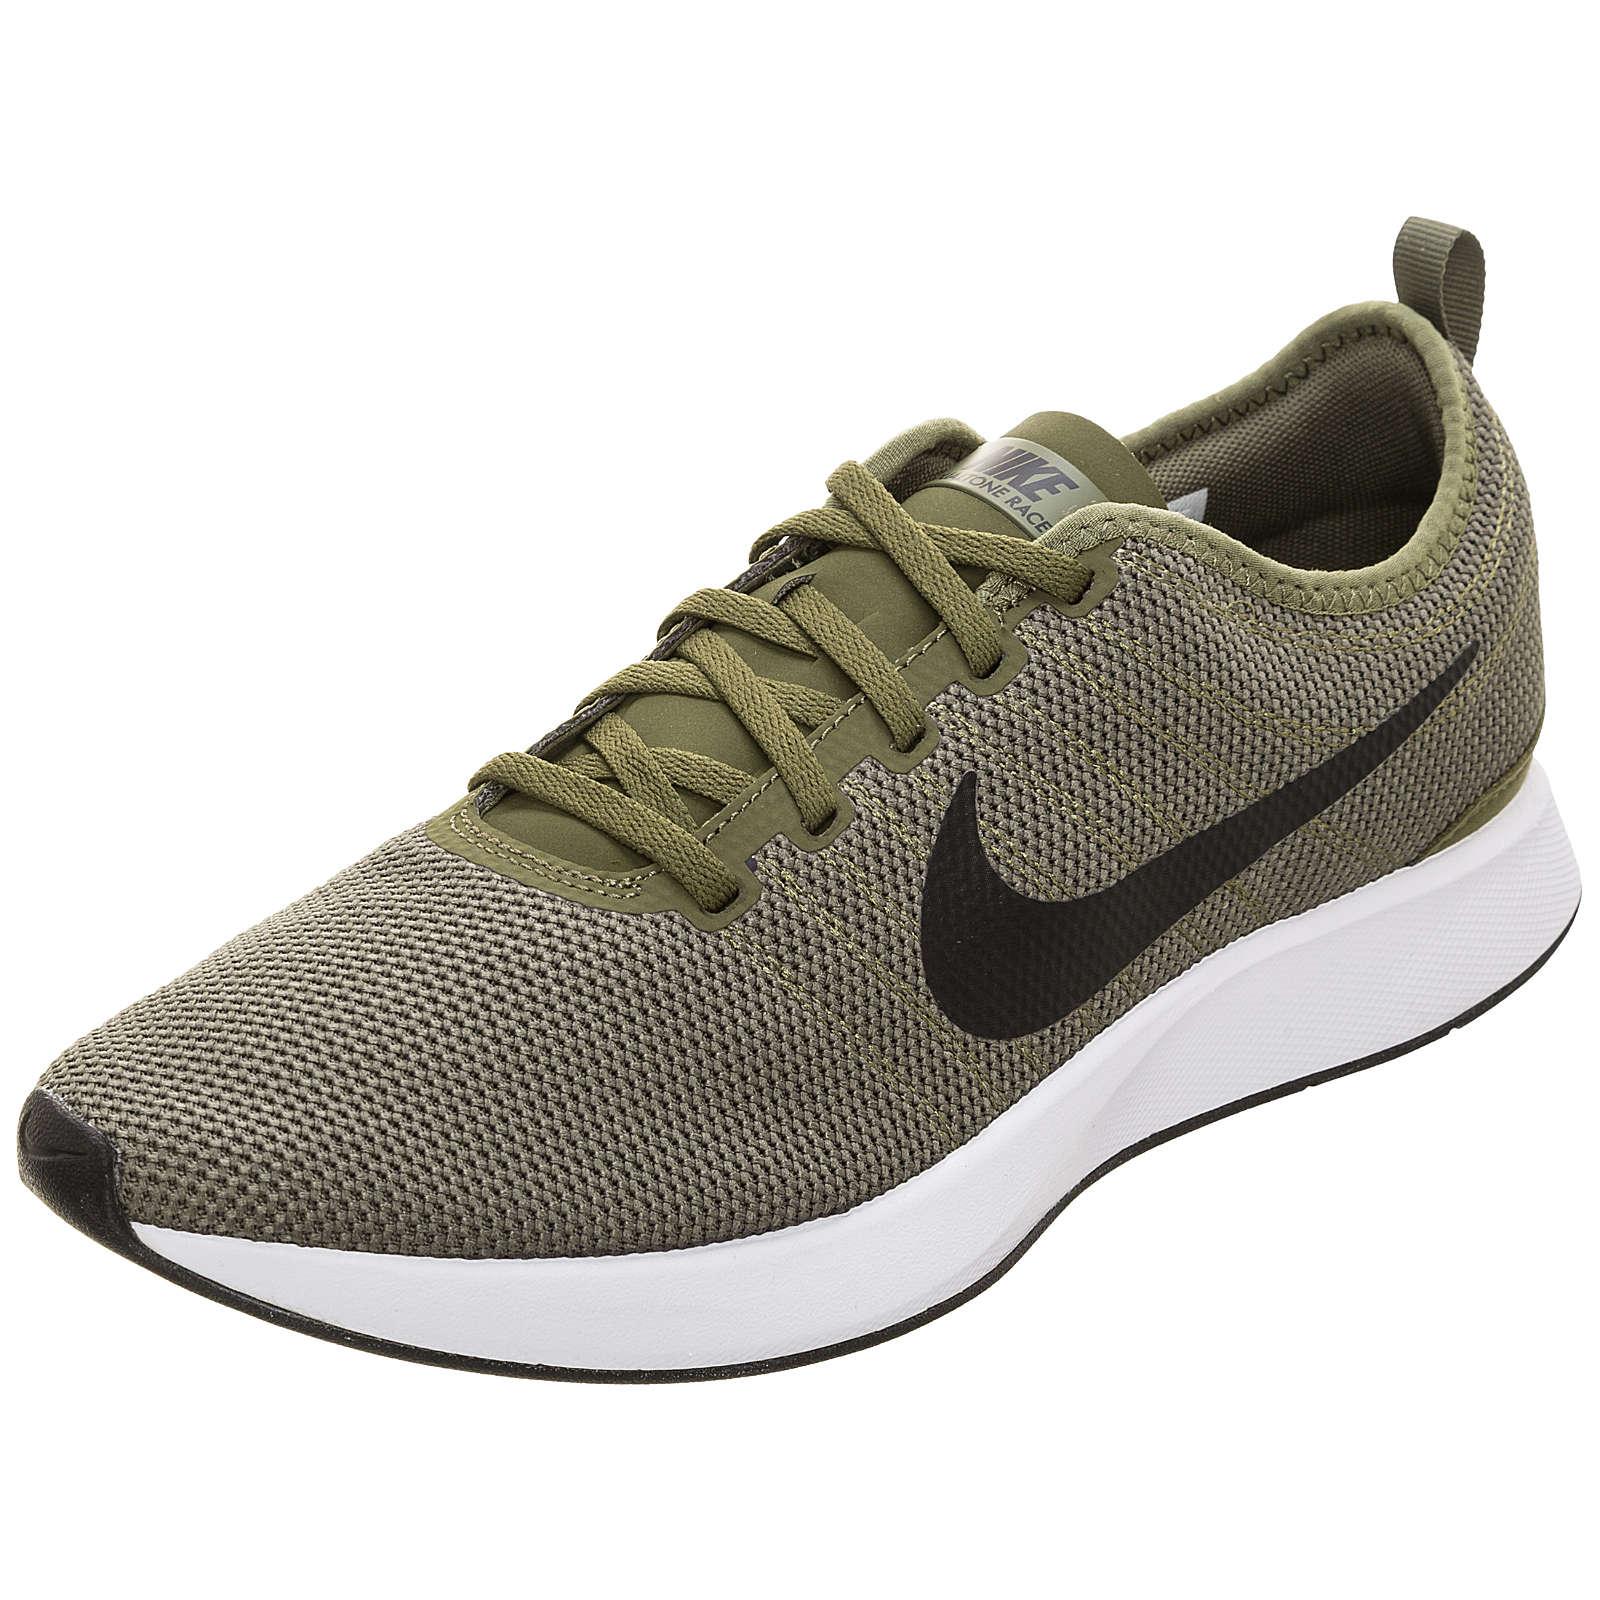 Nike Sportswear Nike Dualtone Racer Sneaker grün Herren Gr. 40,5